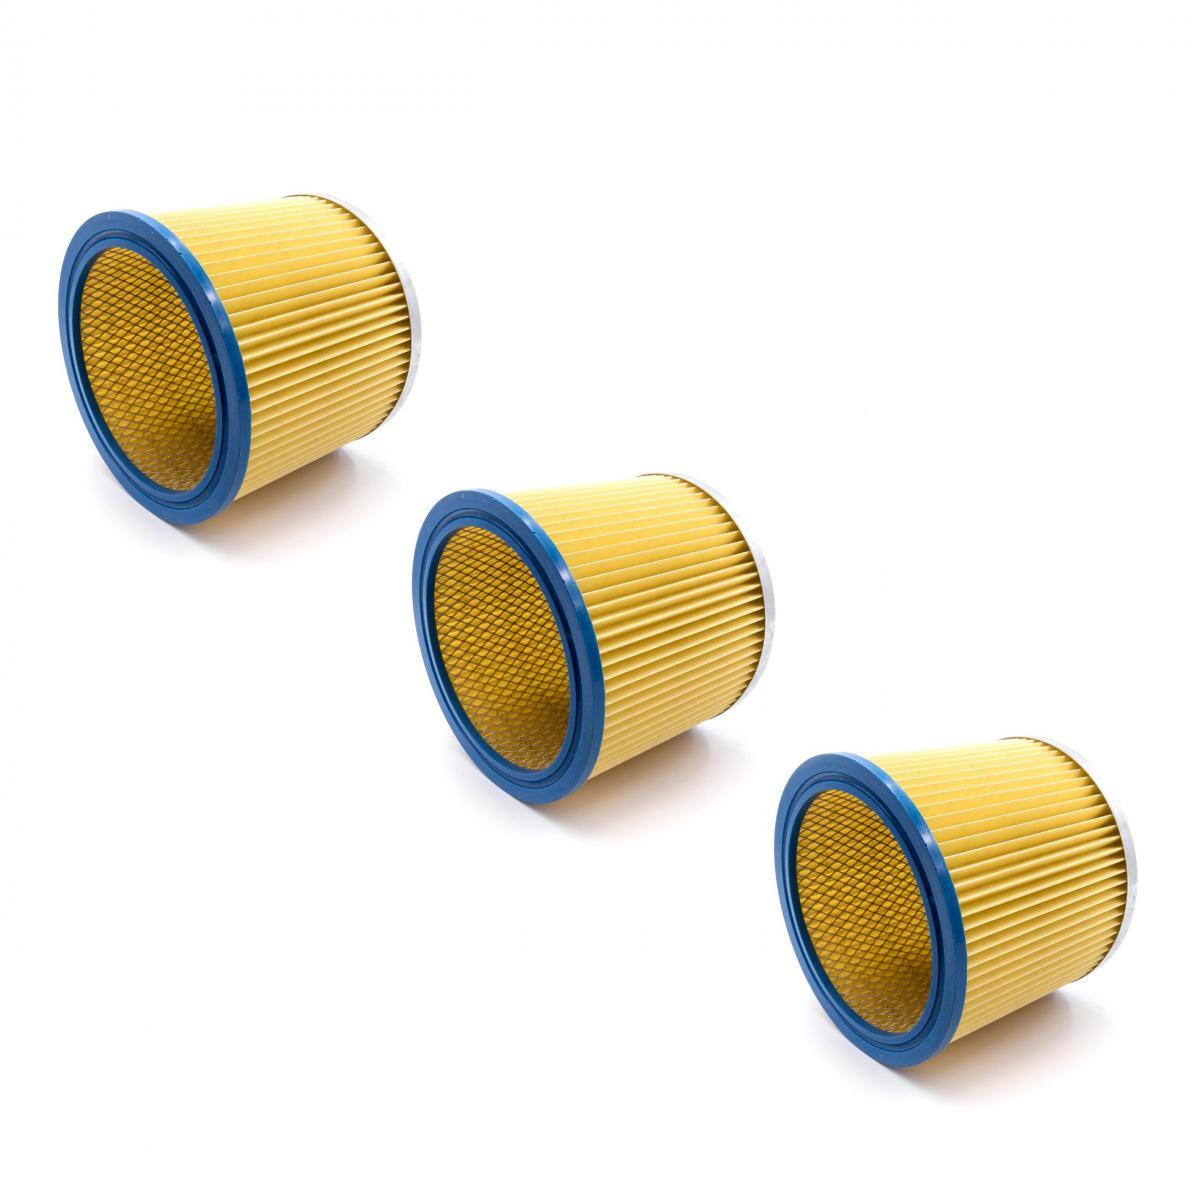 Vhbw vhbw 3x Filtre rond / filtre en lamelles pour aspirateur Aqua Vac Super 40, 615 S1, 615 S2, 760